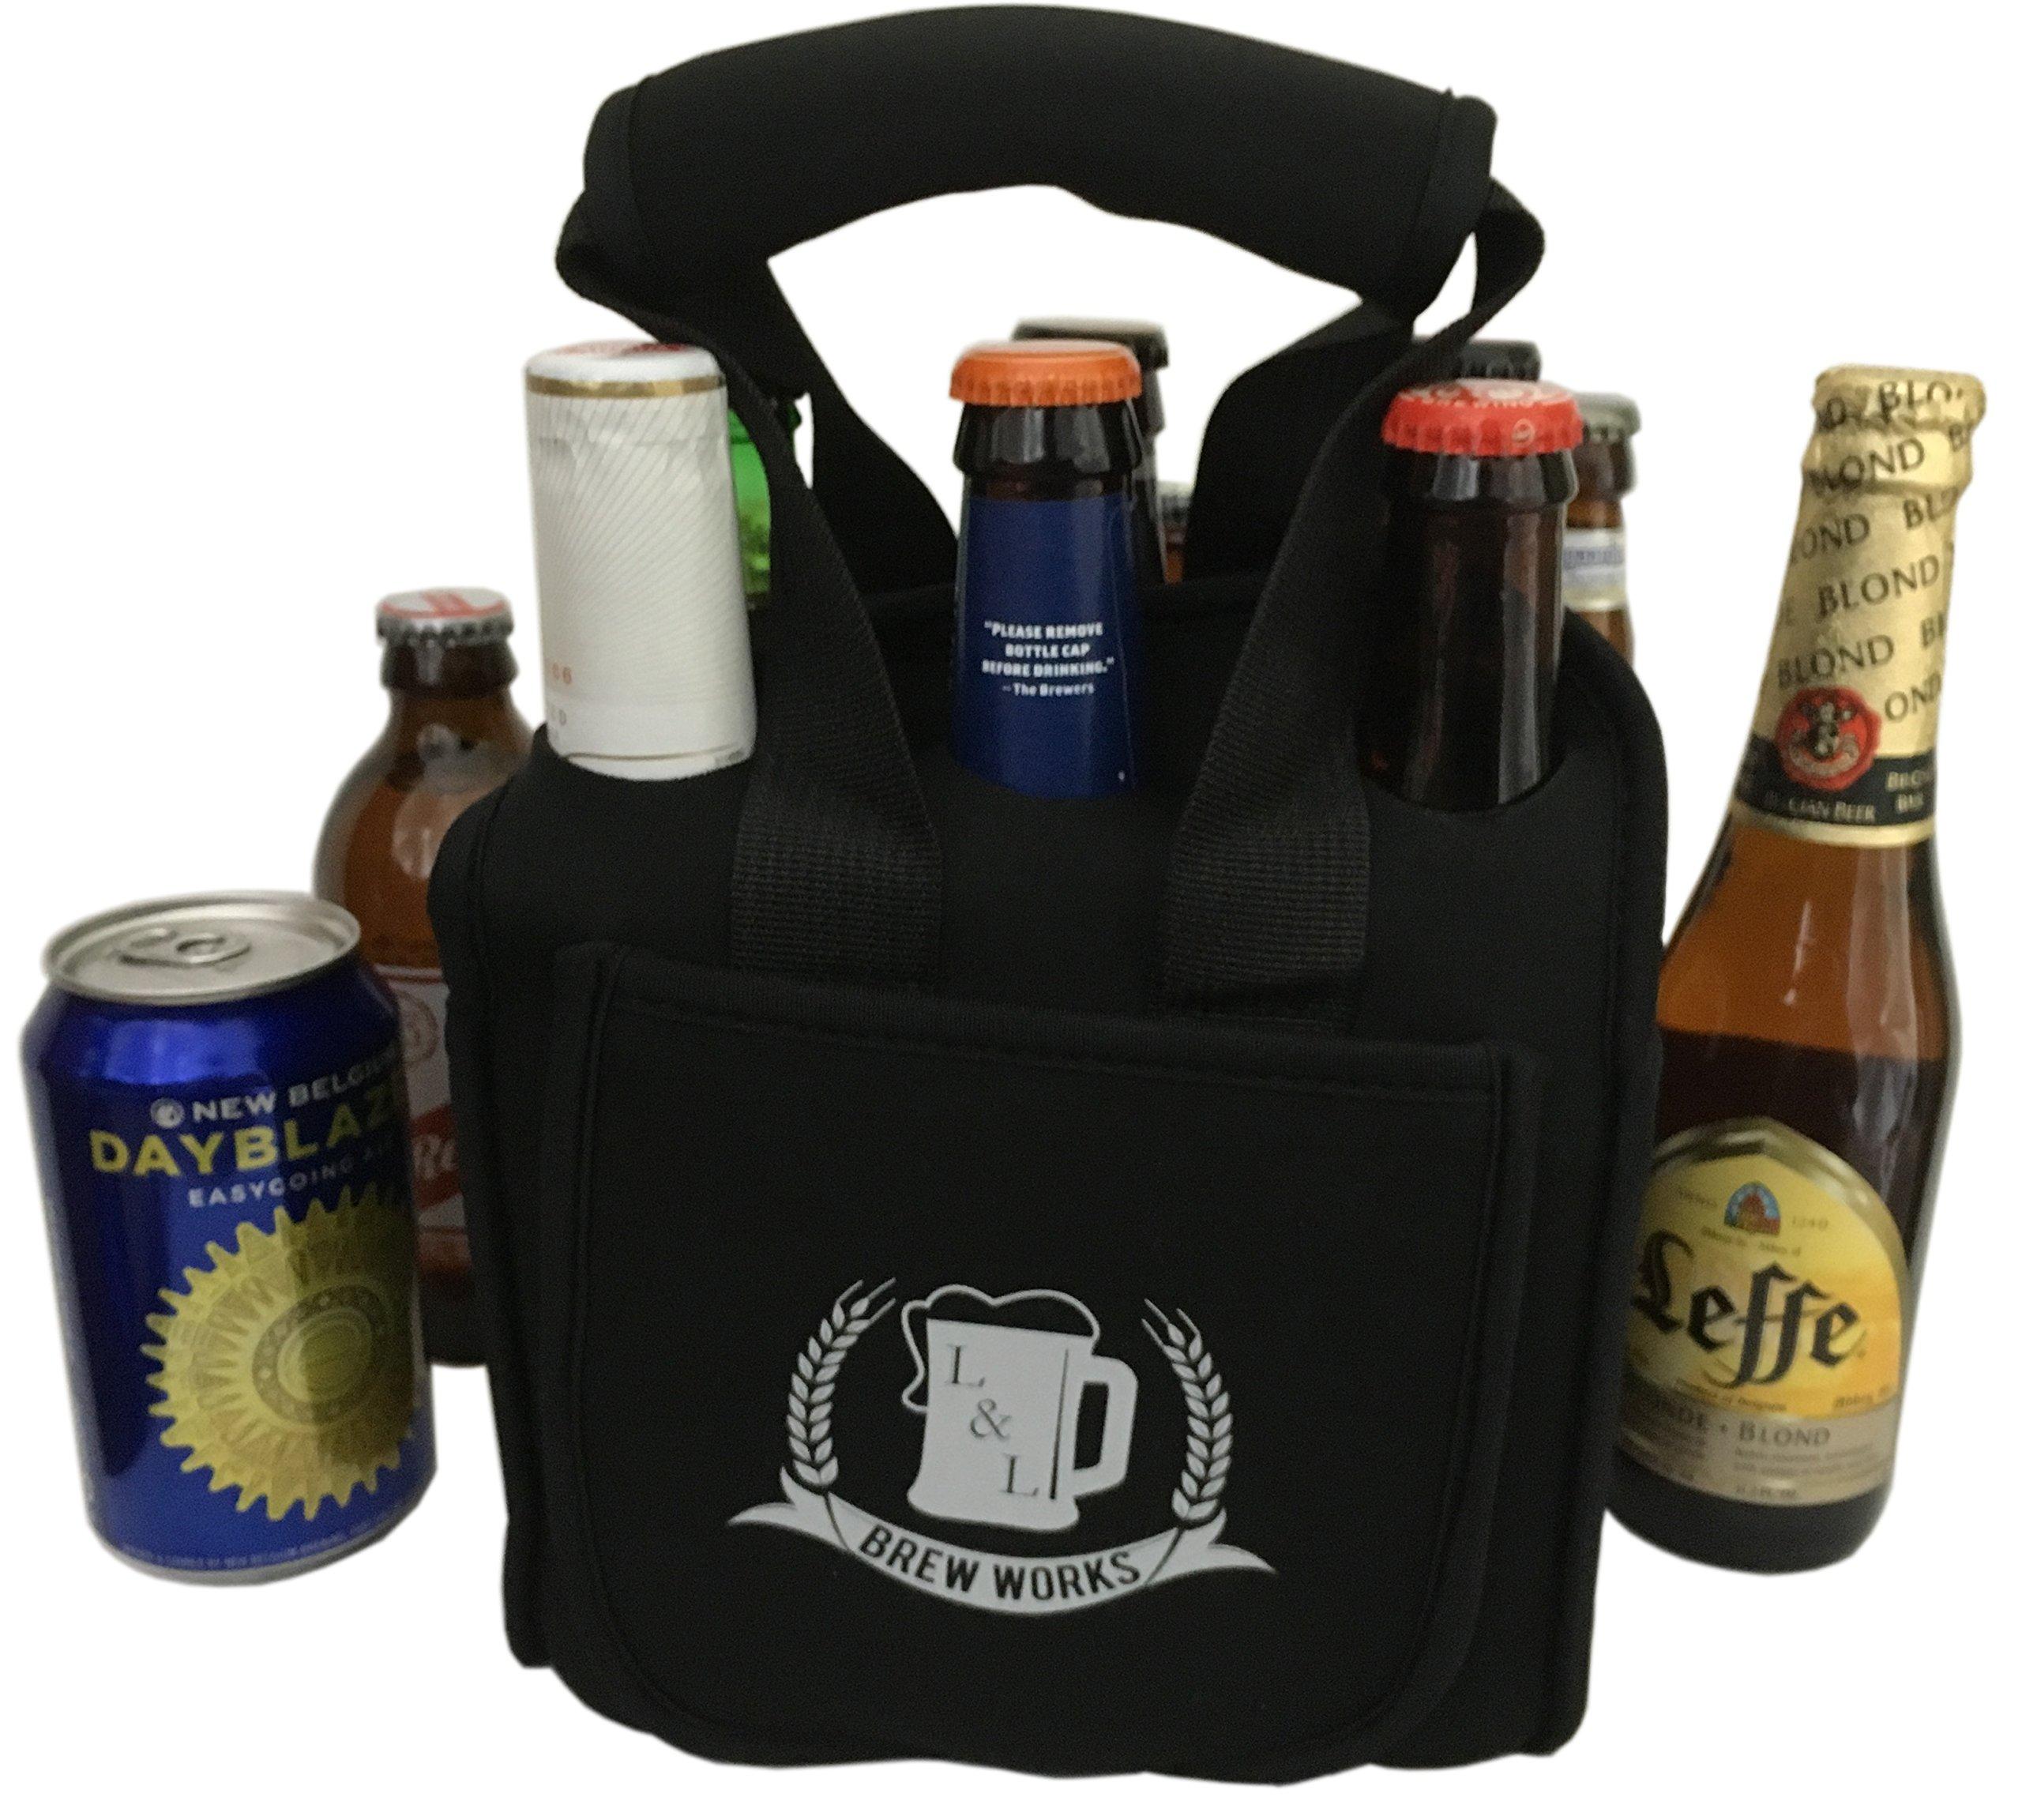 Leffe 6 Pack Carrier